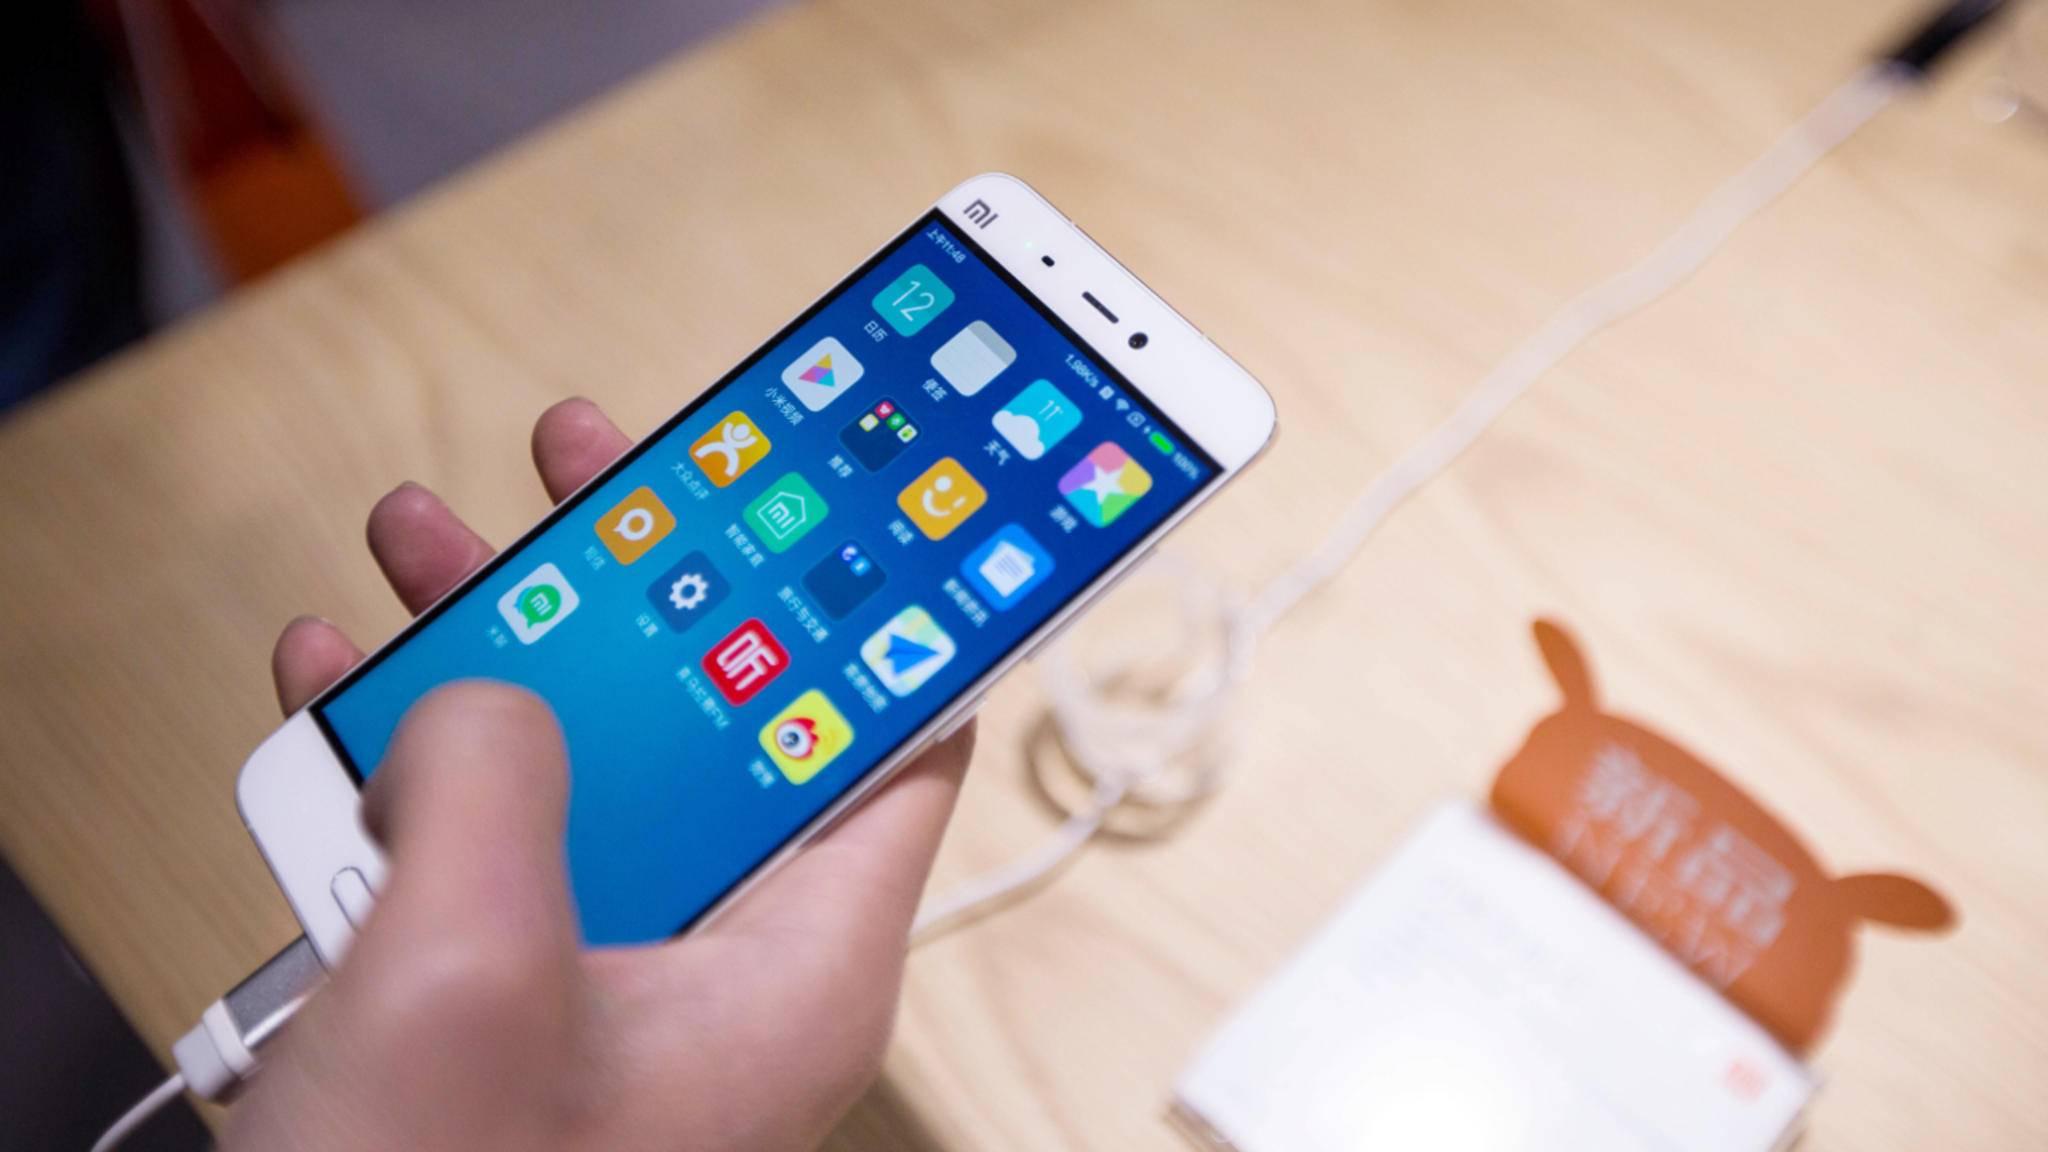 Der Vorgänger des Xiaomi Mi 6, das Mi, wurde auf dem MWC 2016 vorgestellt.